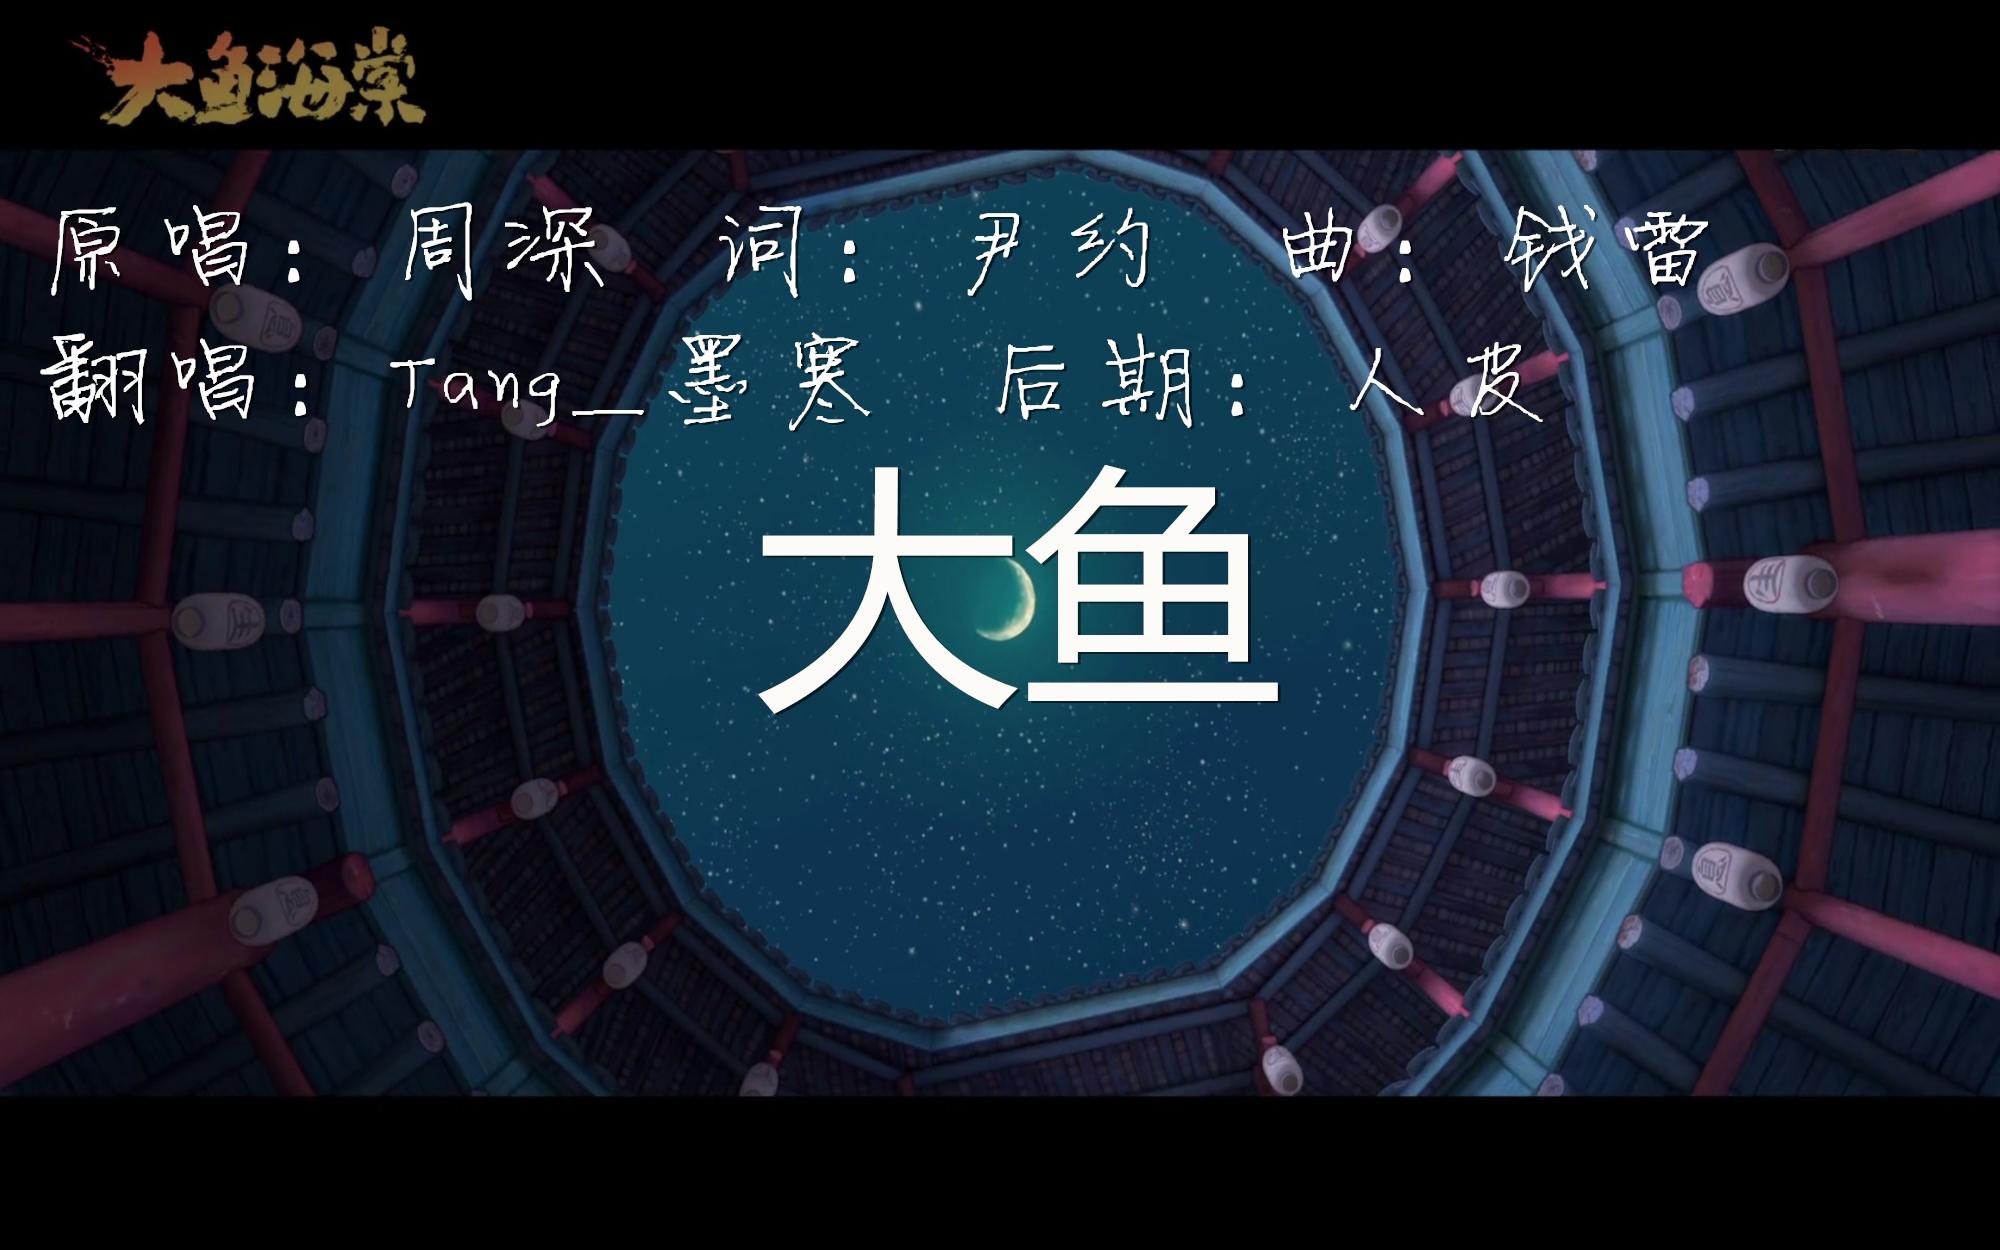 【古】大鱼(纯歌)